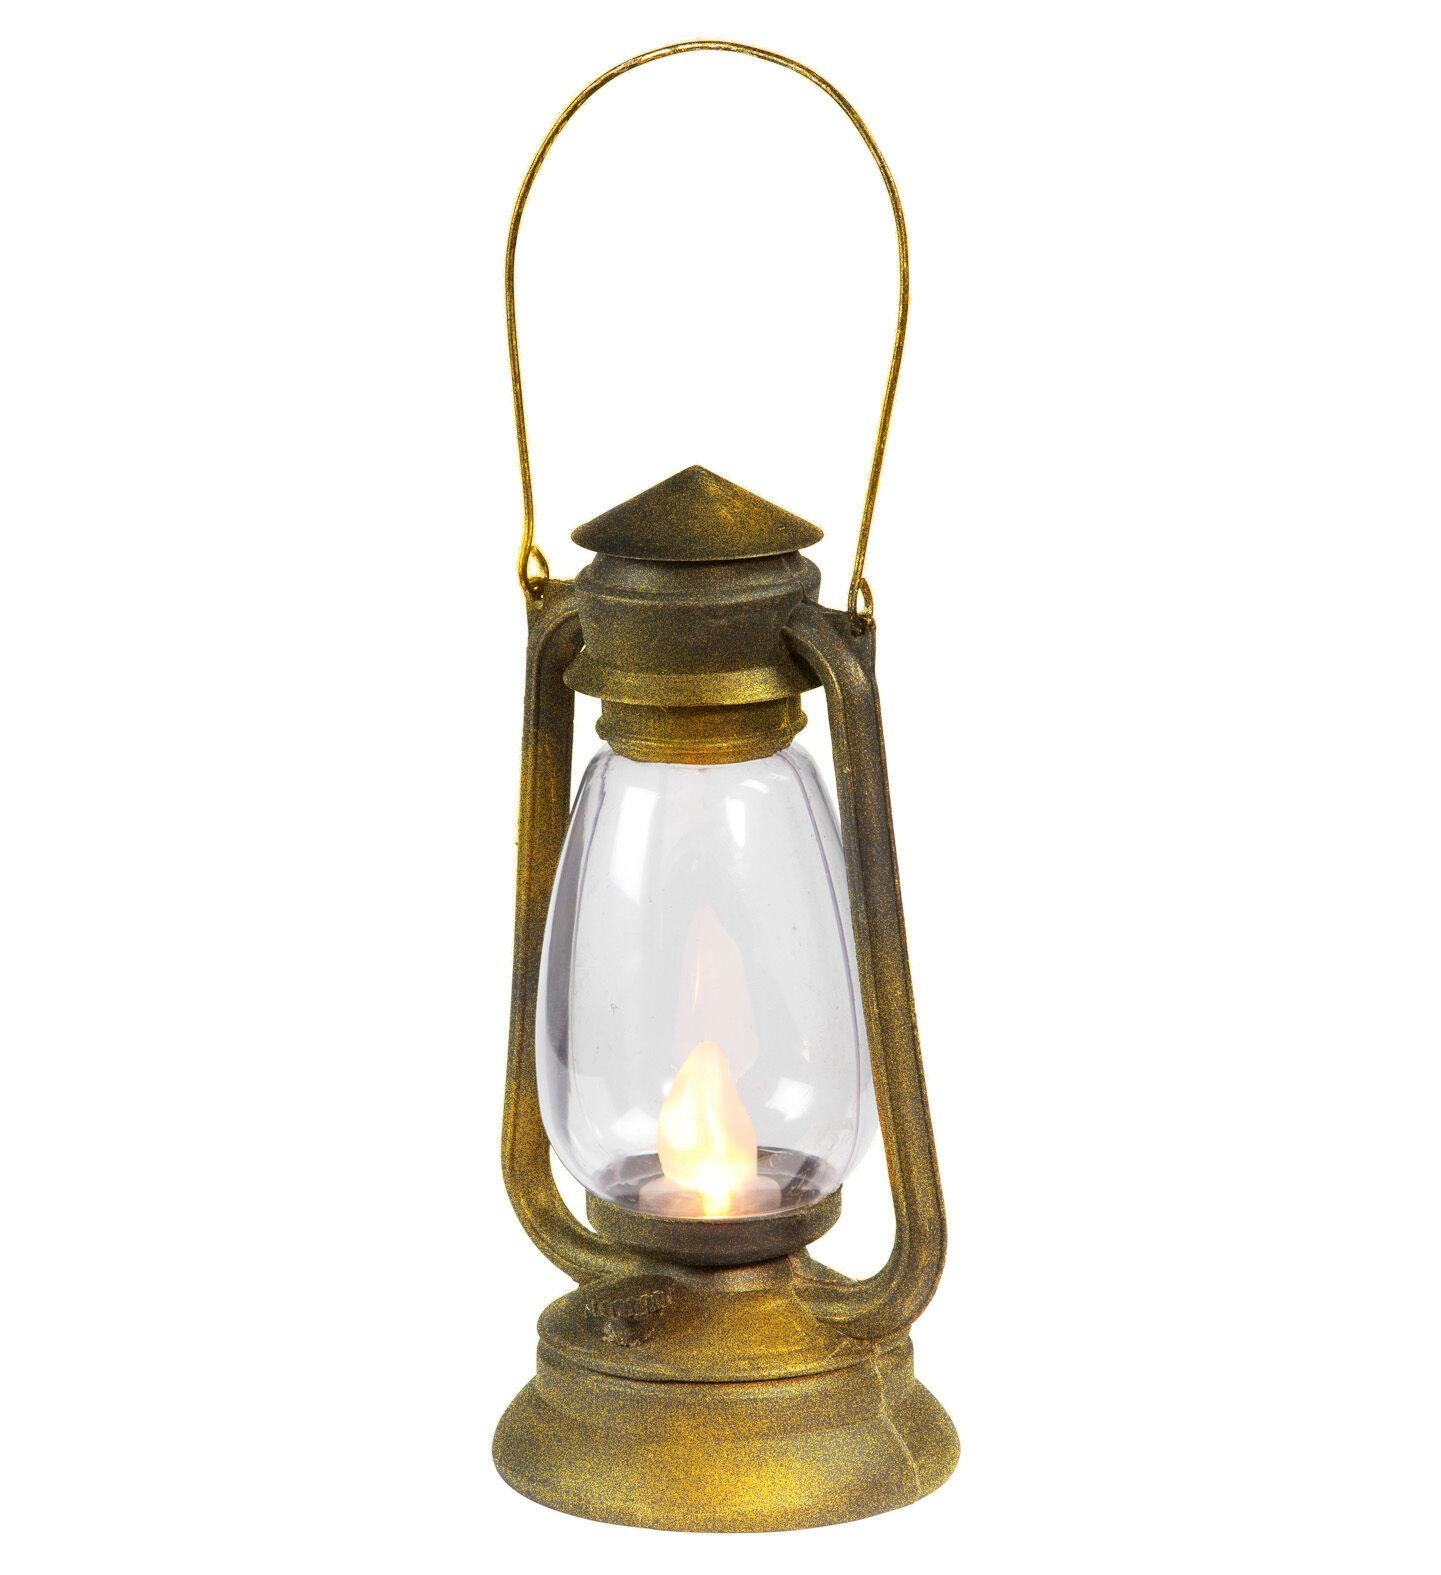 WIDMANN S.R.L. Lanterna Con Luce Led Tremolante